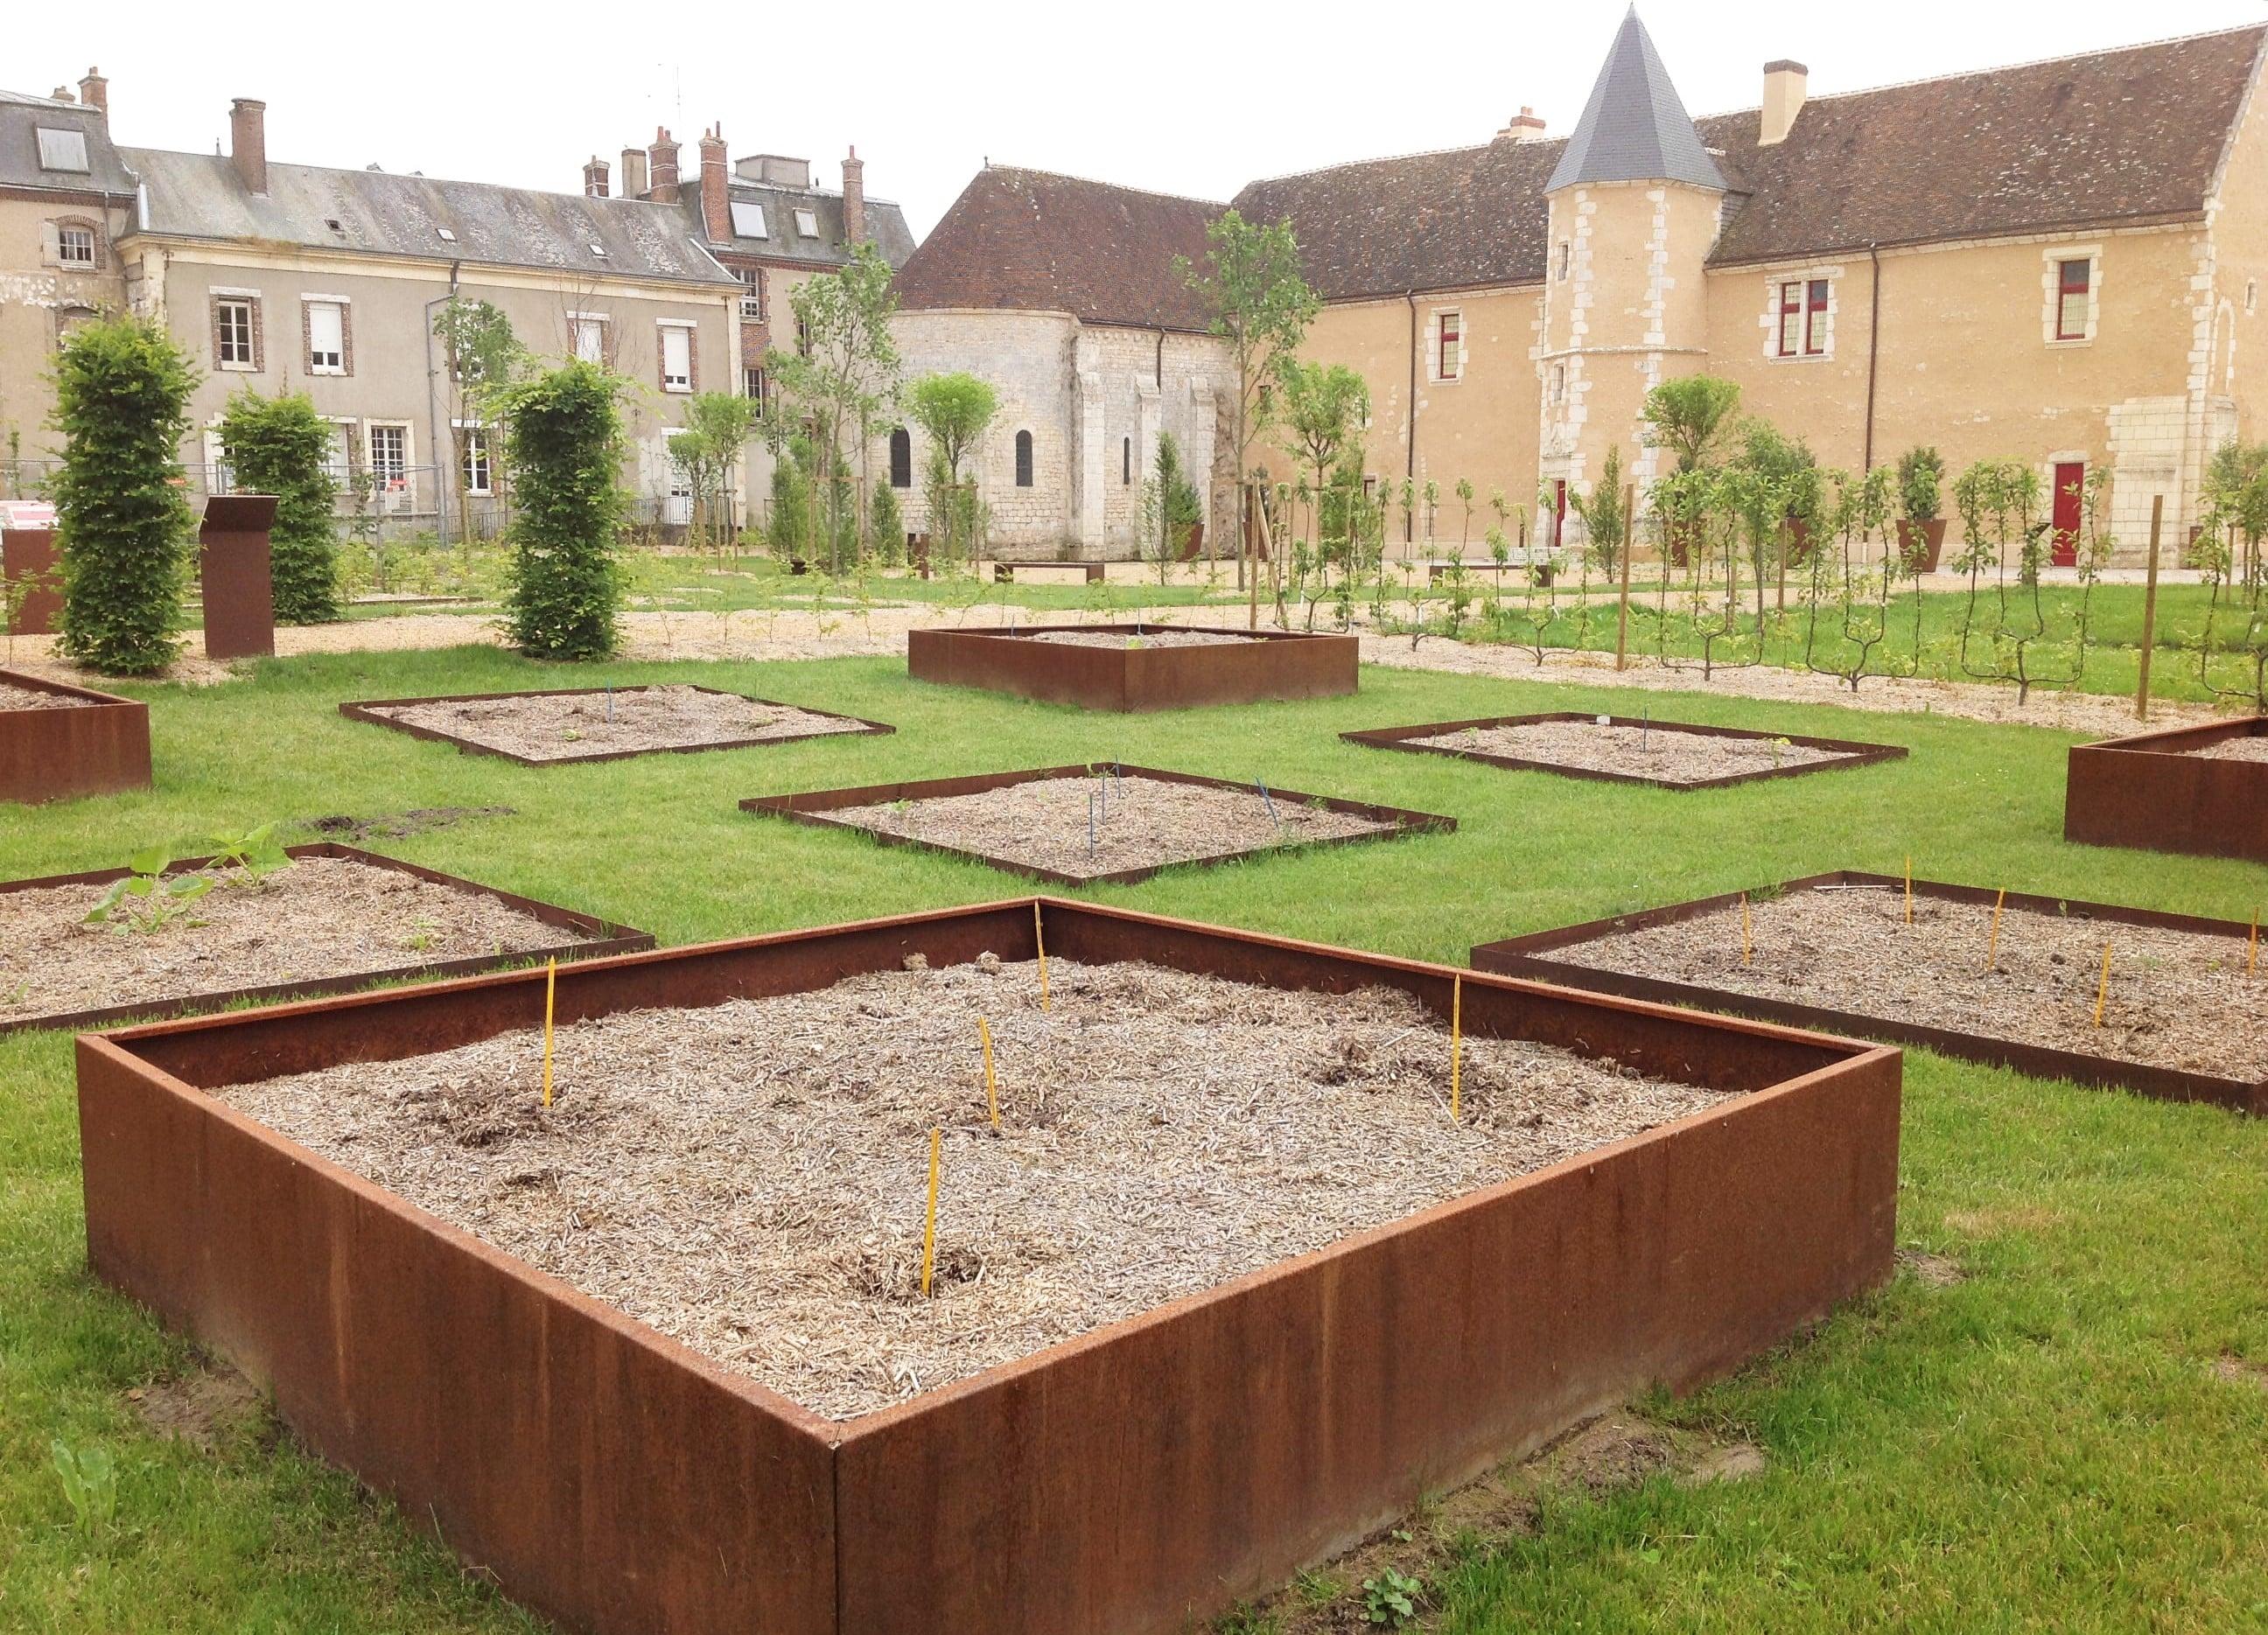 comment agencer des bacs dans un jardin